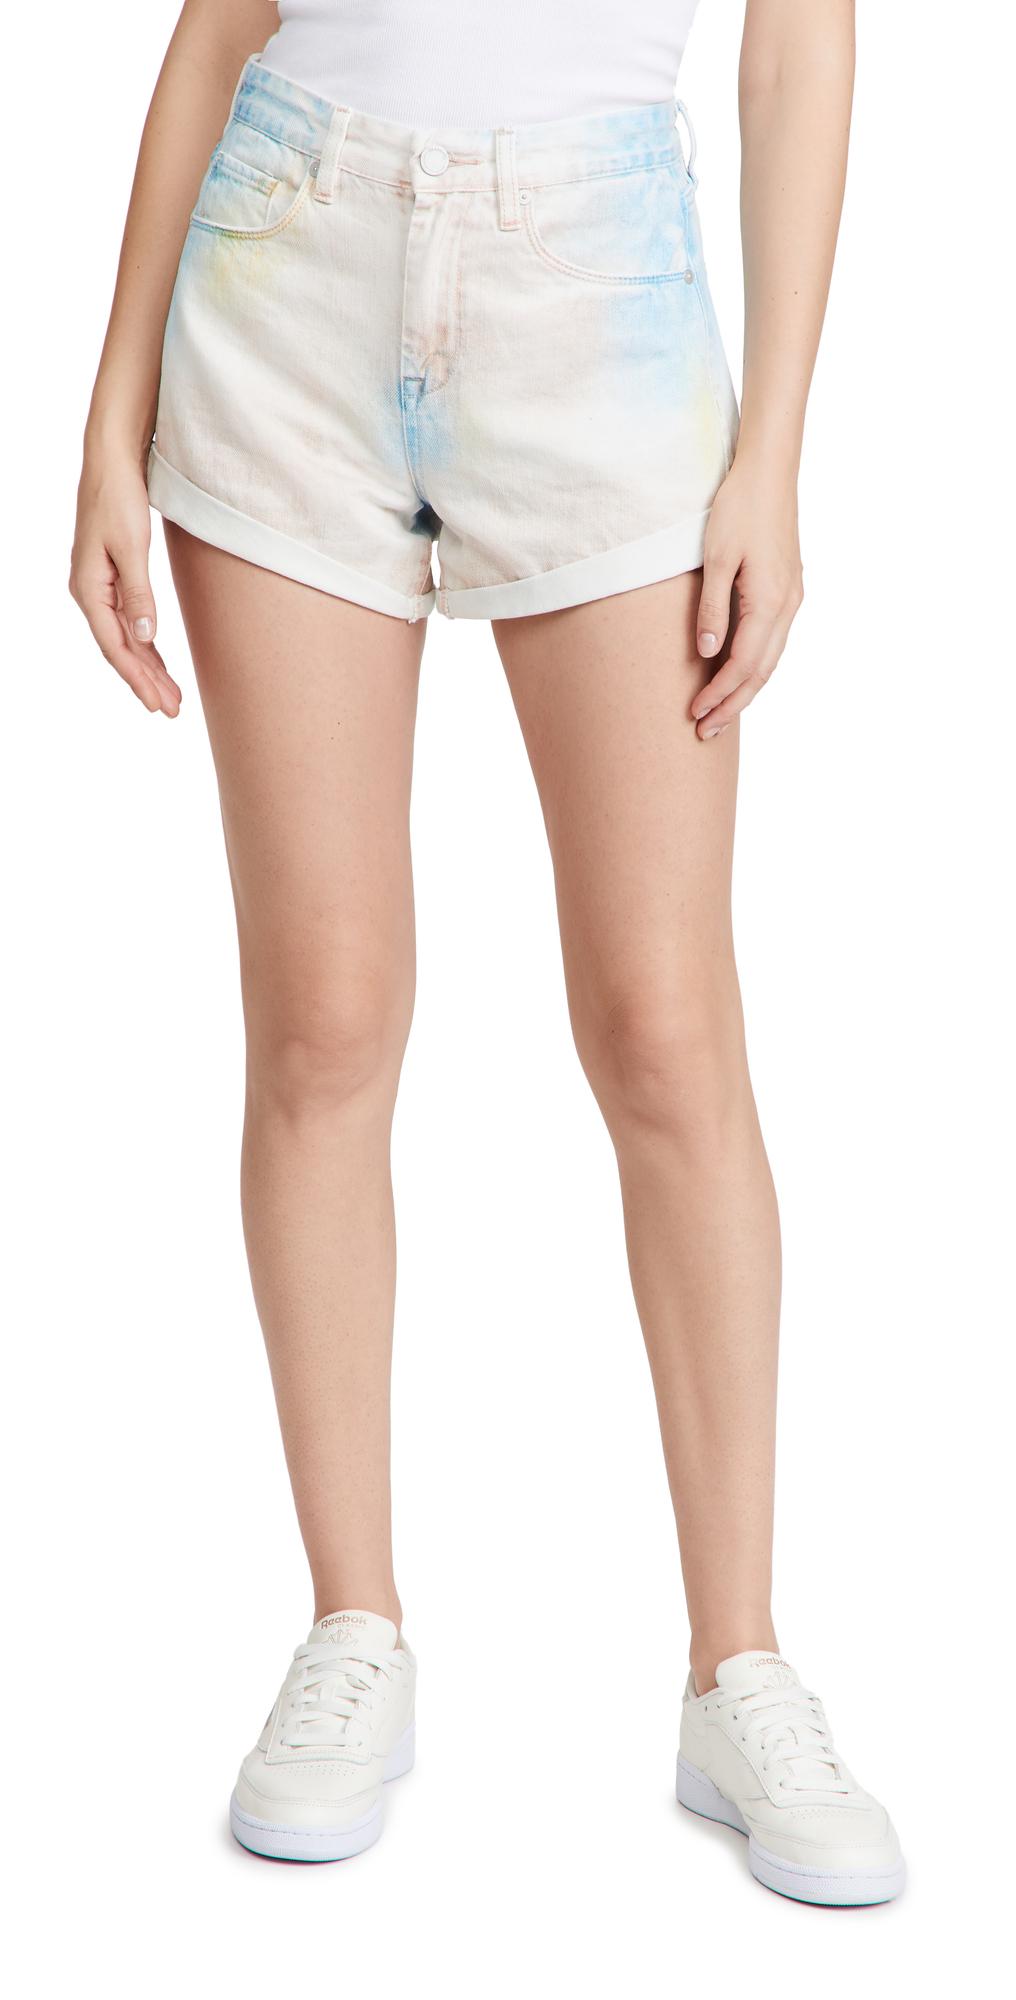 Turn It Up Shorts